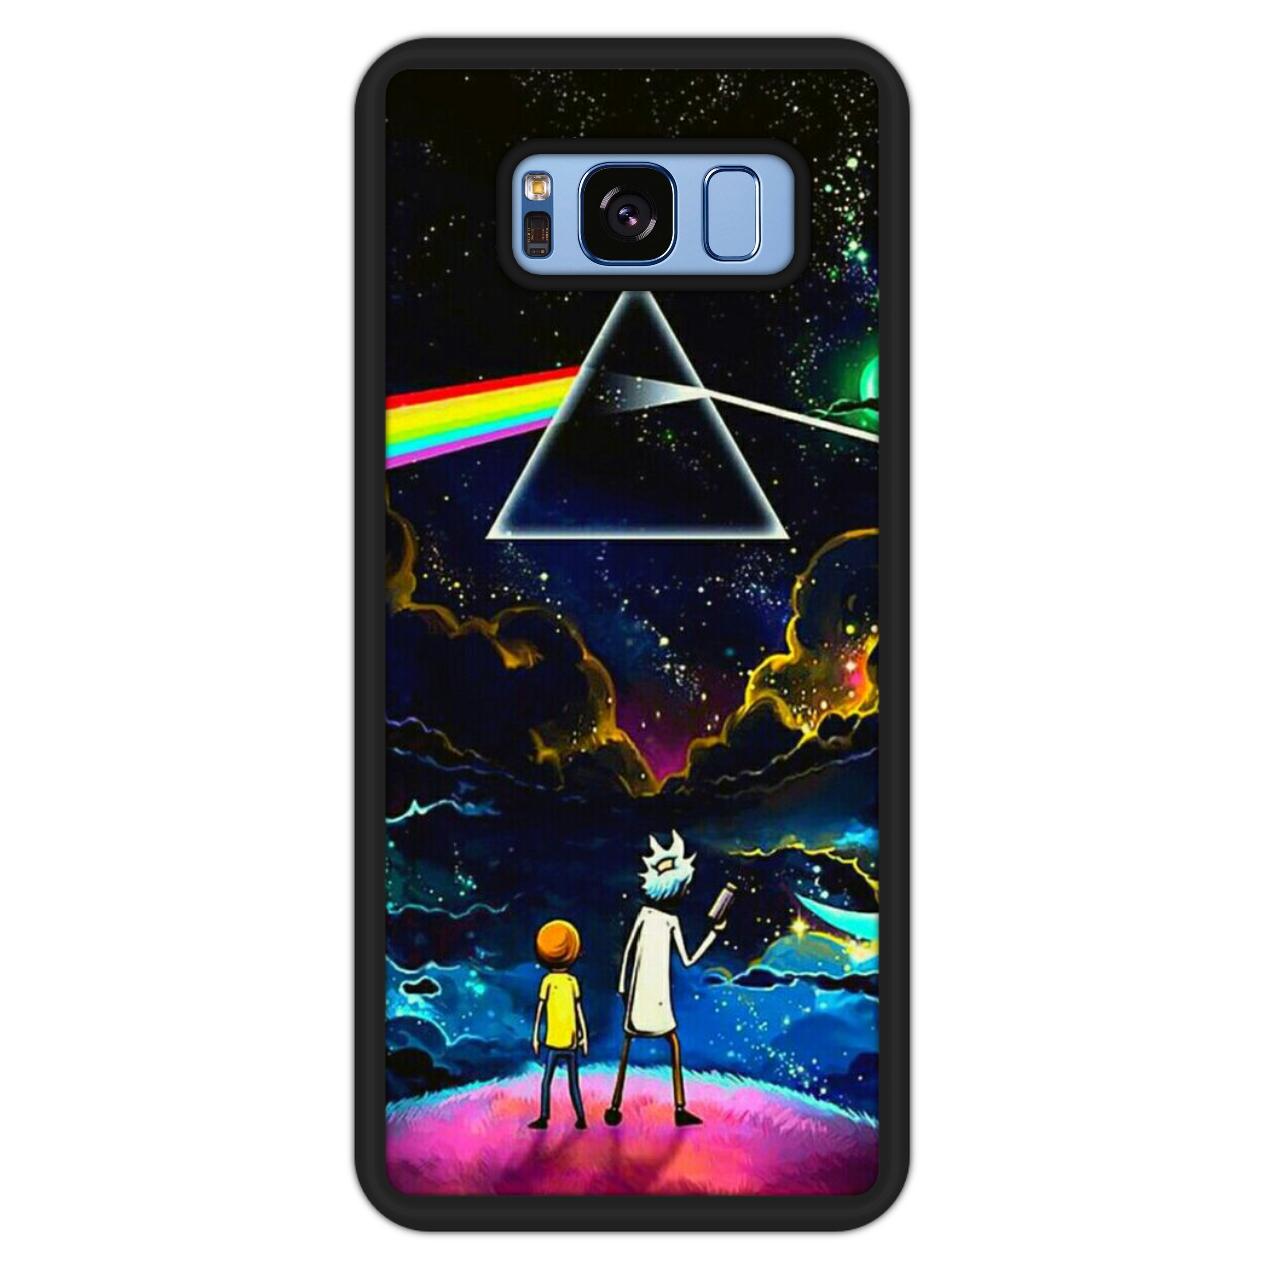 کاور مدل AS80303 مناسب برای گوشی موبایل سامسونگ Galaxy S8